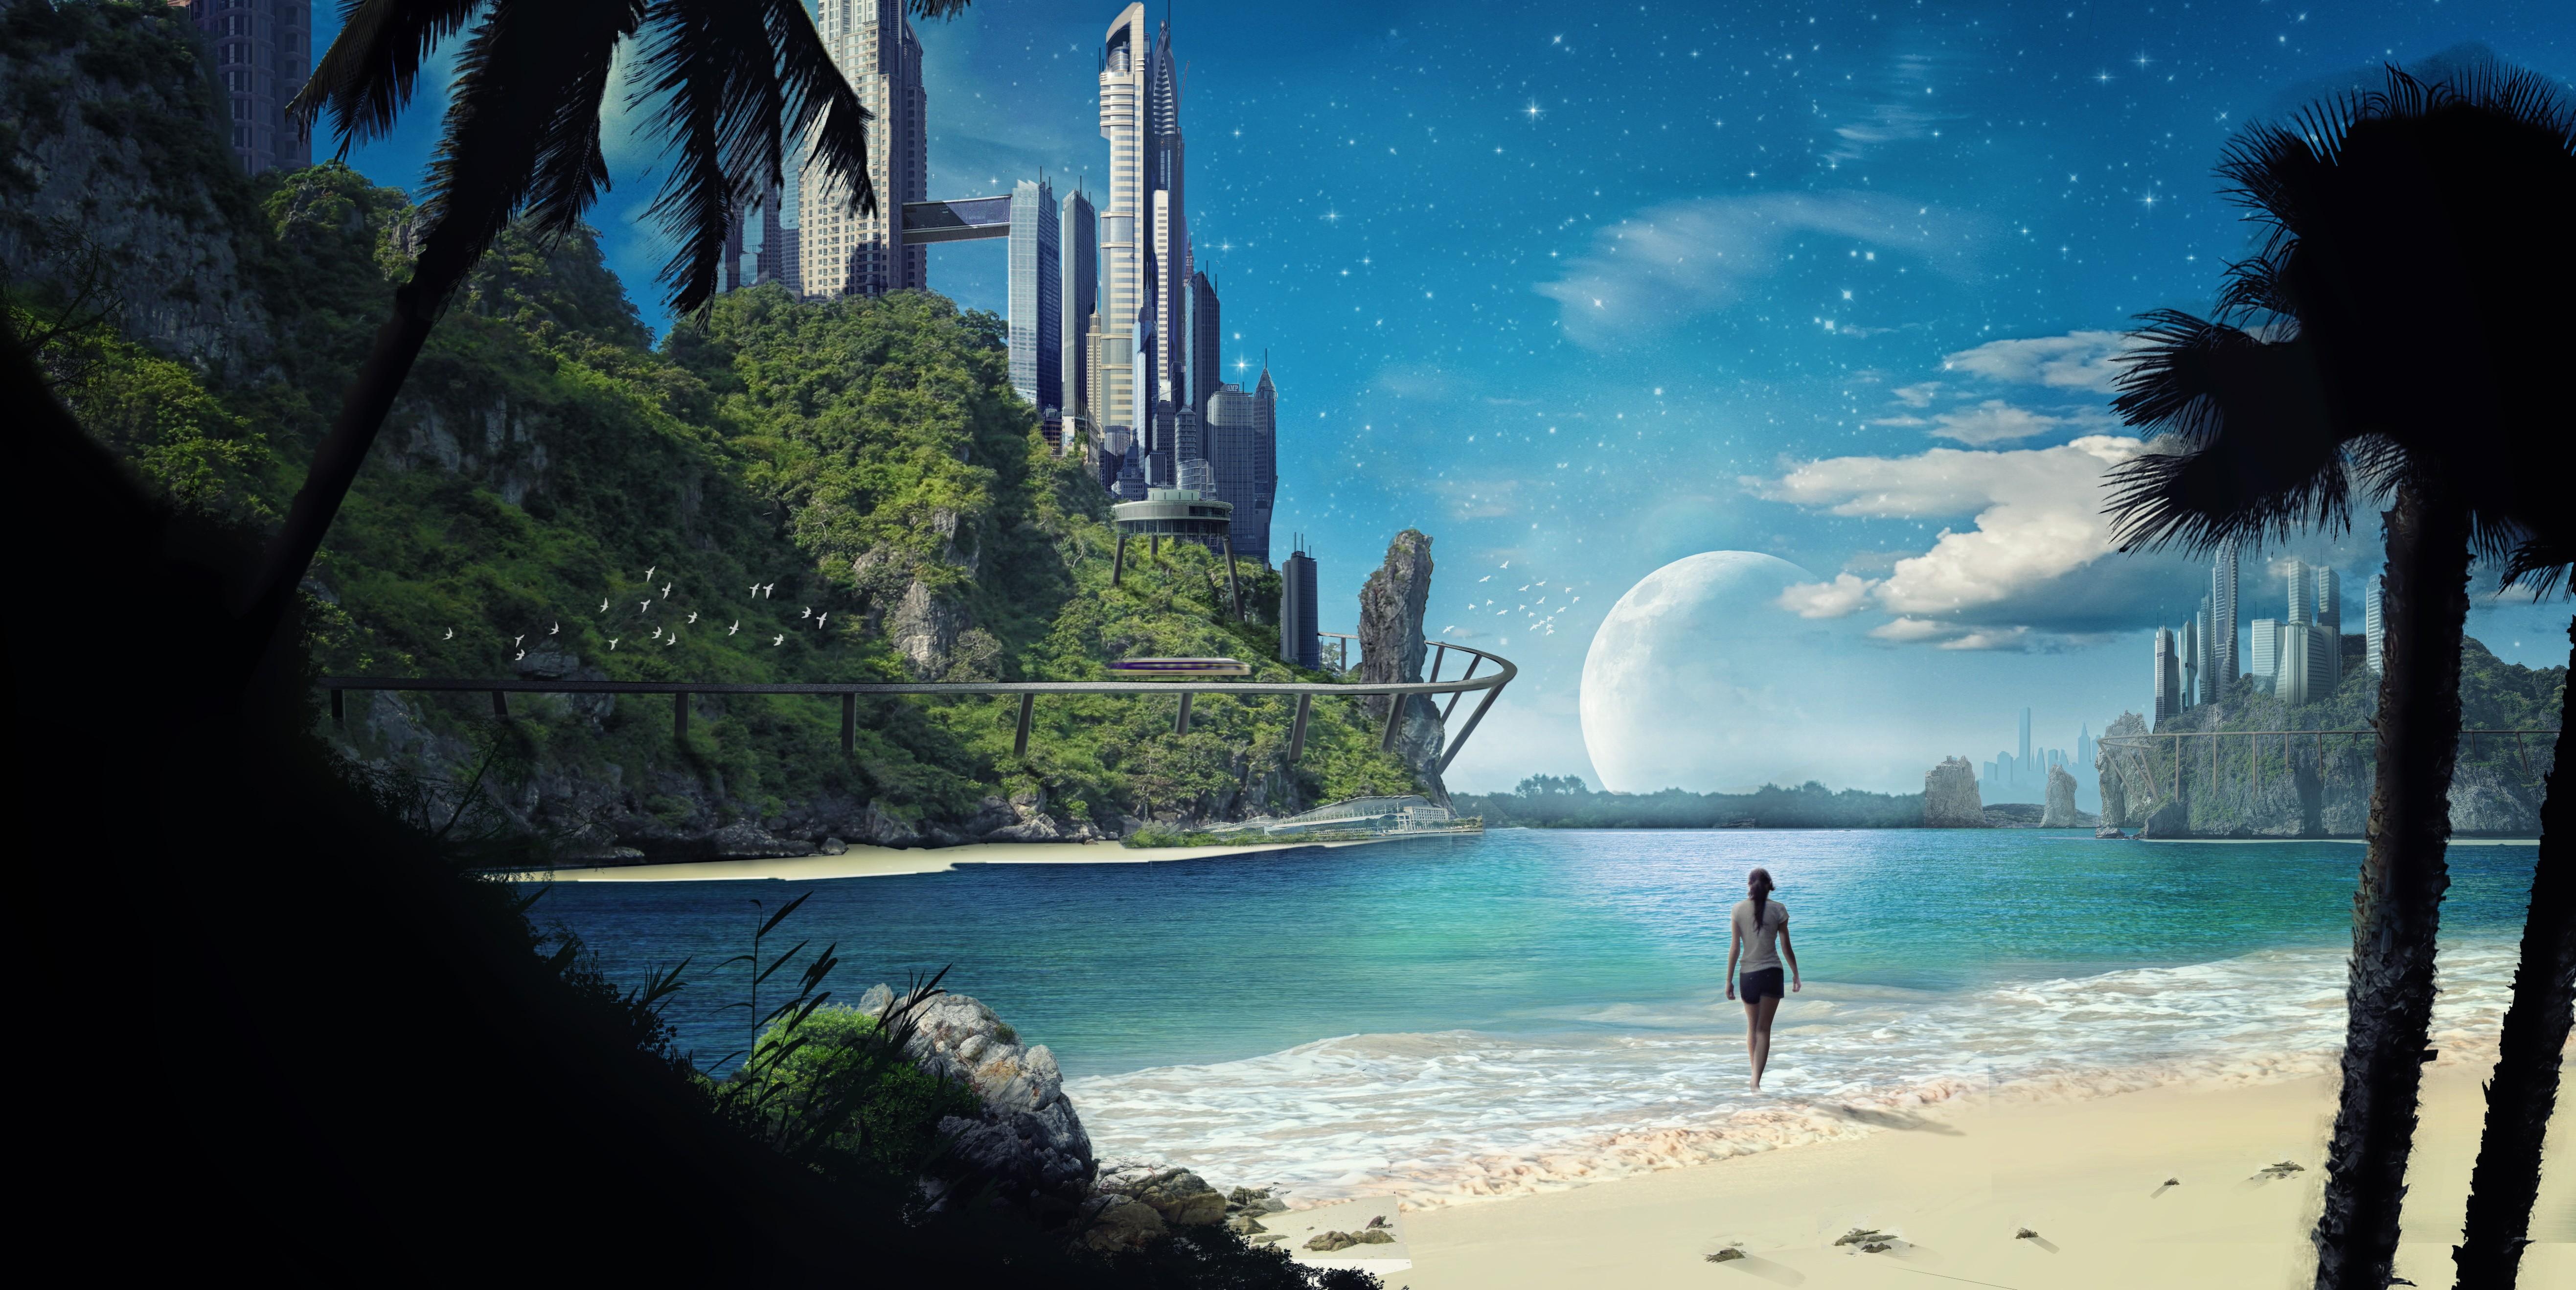 Fall Scene Desktop Wallpaper Wallpaper Sunlight Sea Bay Space Reflection